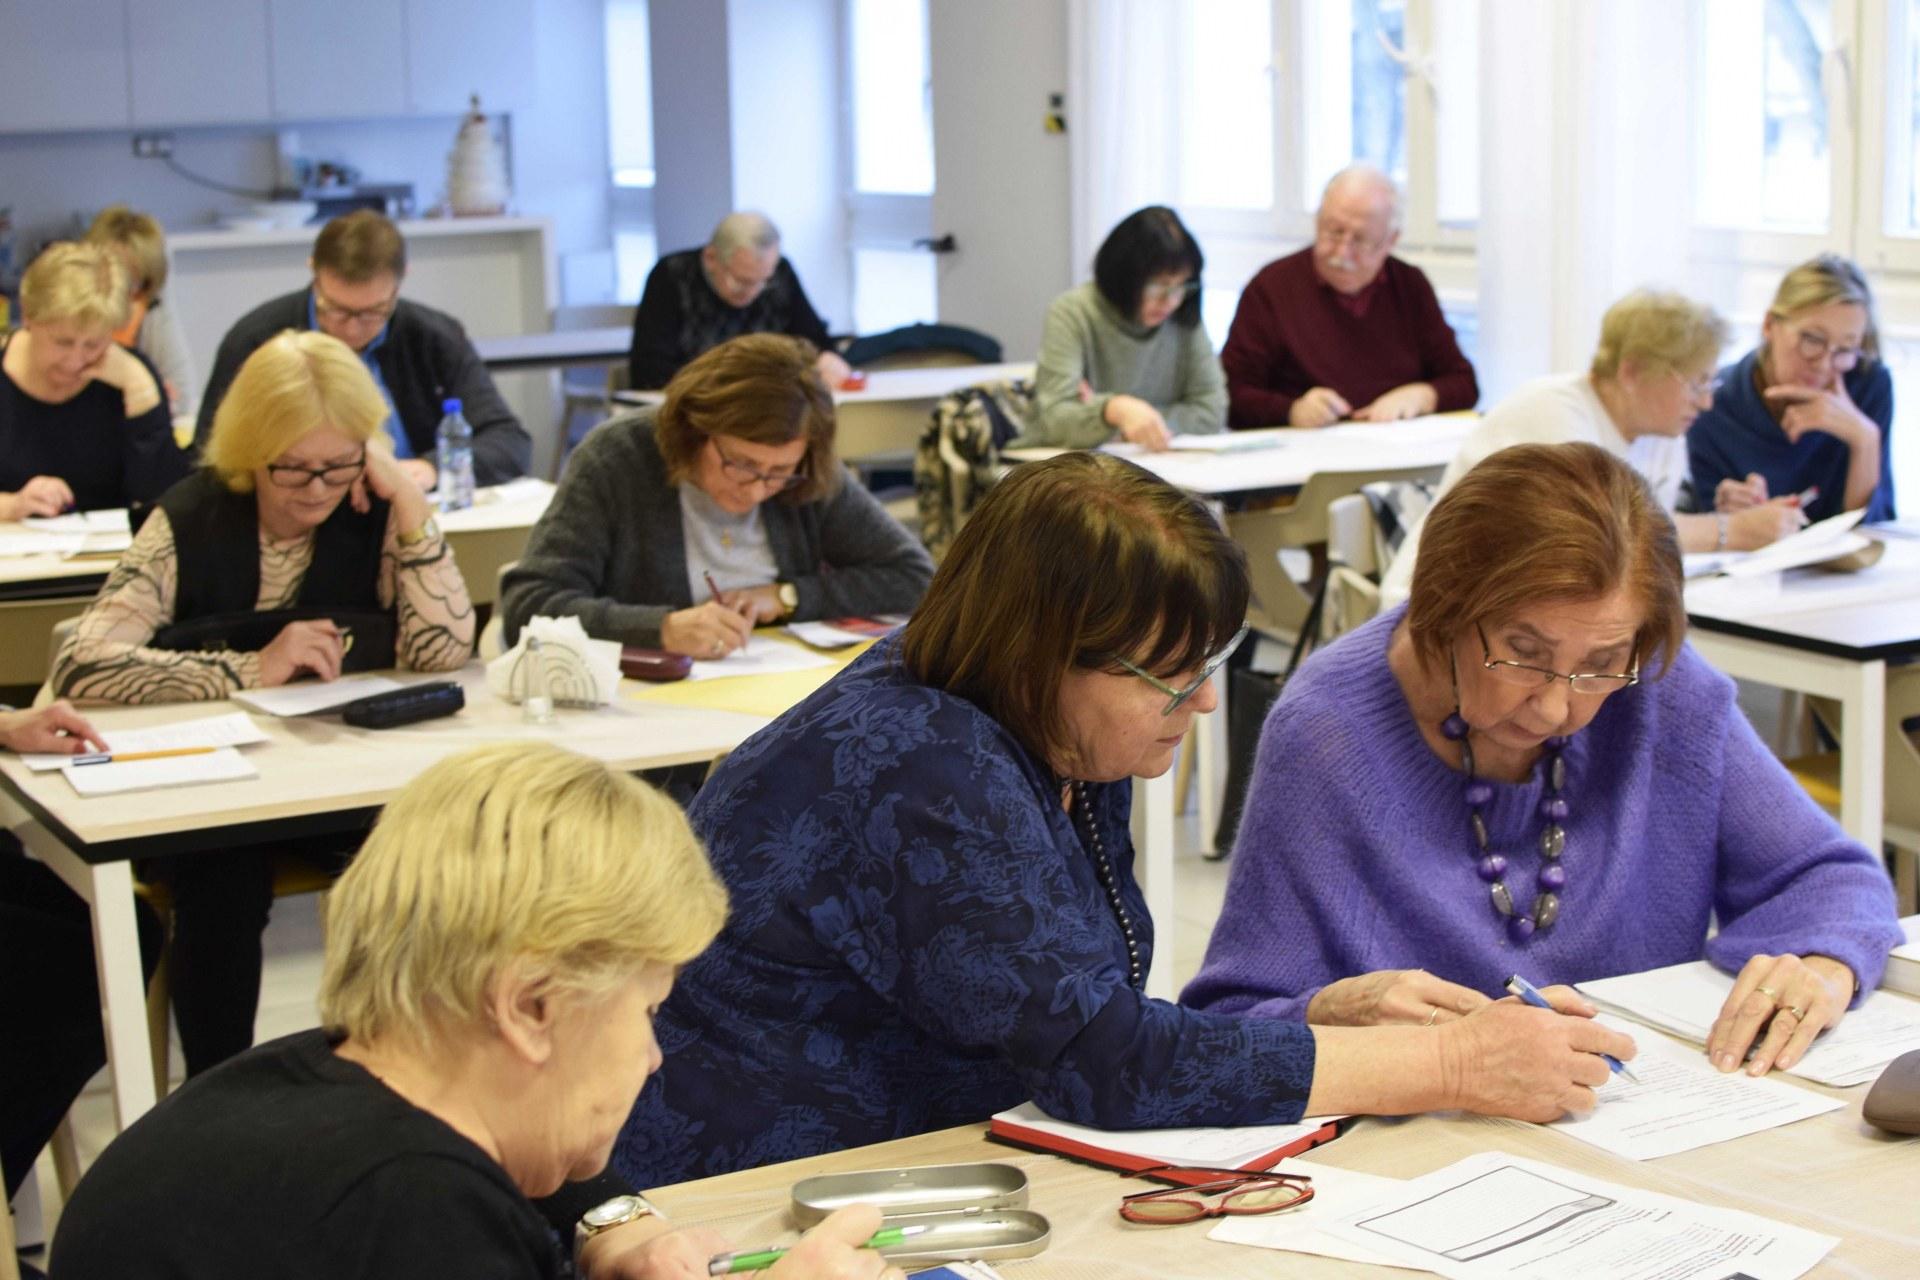 Zdjęcie z lekcji j. angielskiego. Na sali stoi kilka stolików, wokół których siedzą starsze osoby, głównie kobiety. Wszyscy uczestnicy zajęci są wypełnianiem testów.